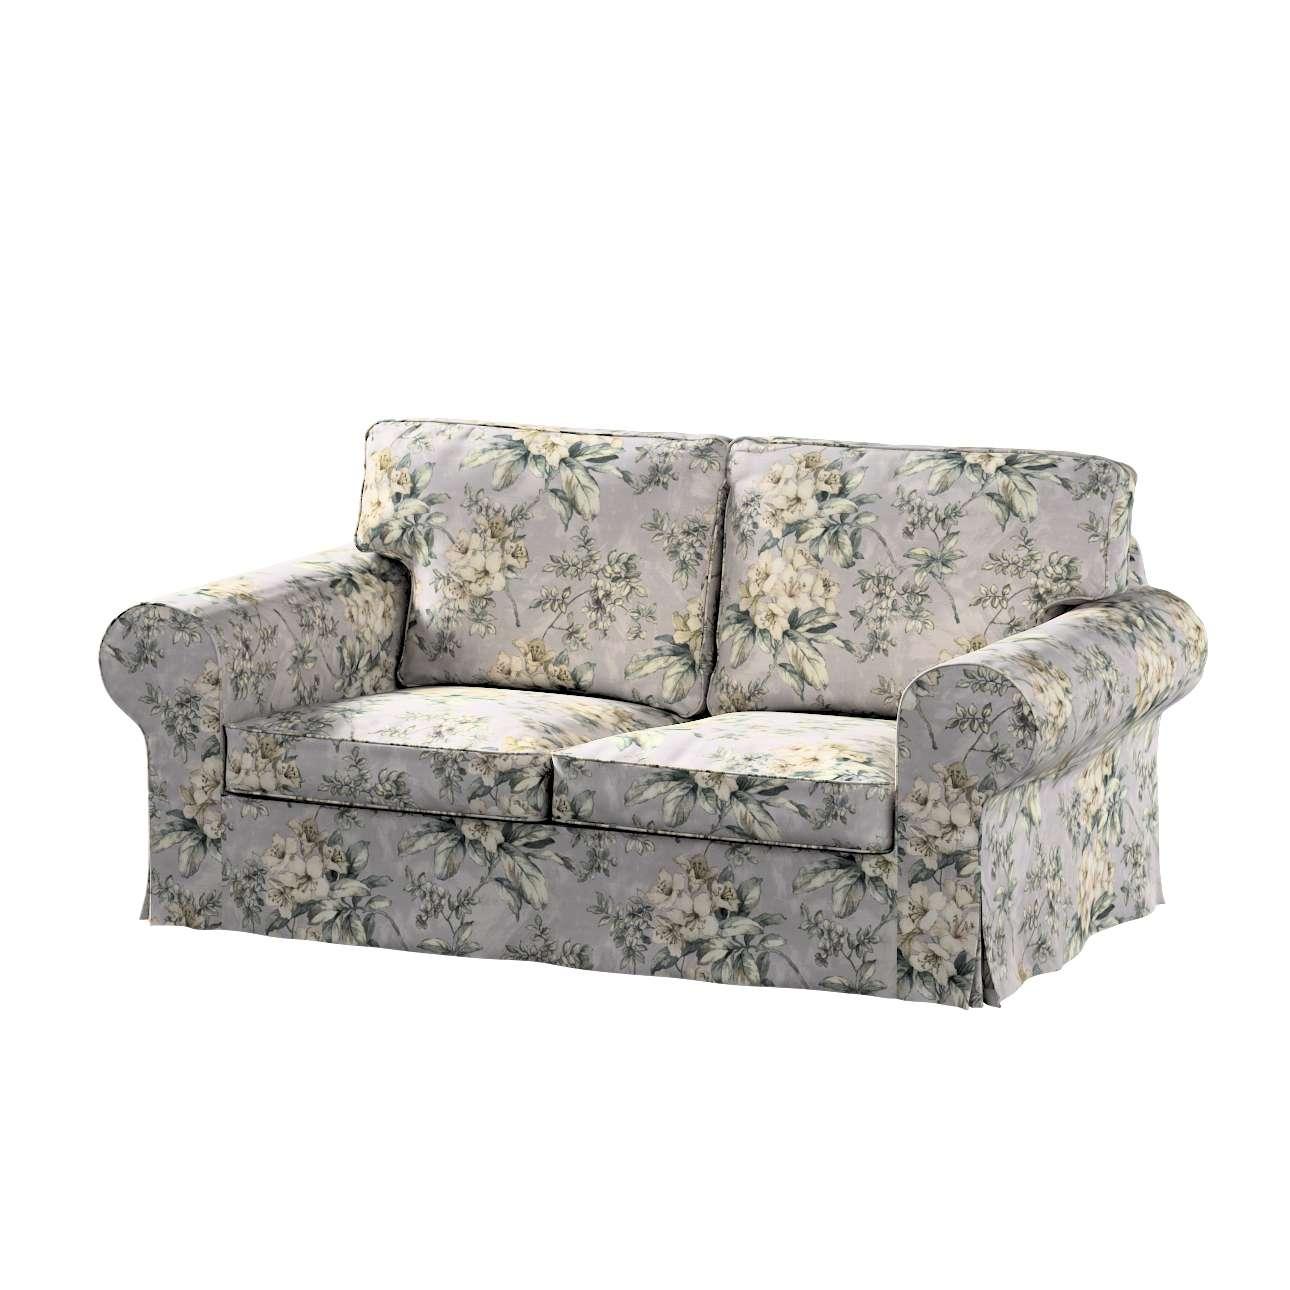 Pokrowiec na sofę Ektorp 2-osobową, rozkładaną, model do 2012 w kolekcji Londres, tkanina: 143-36